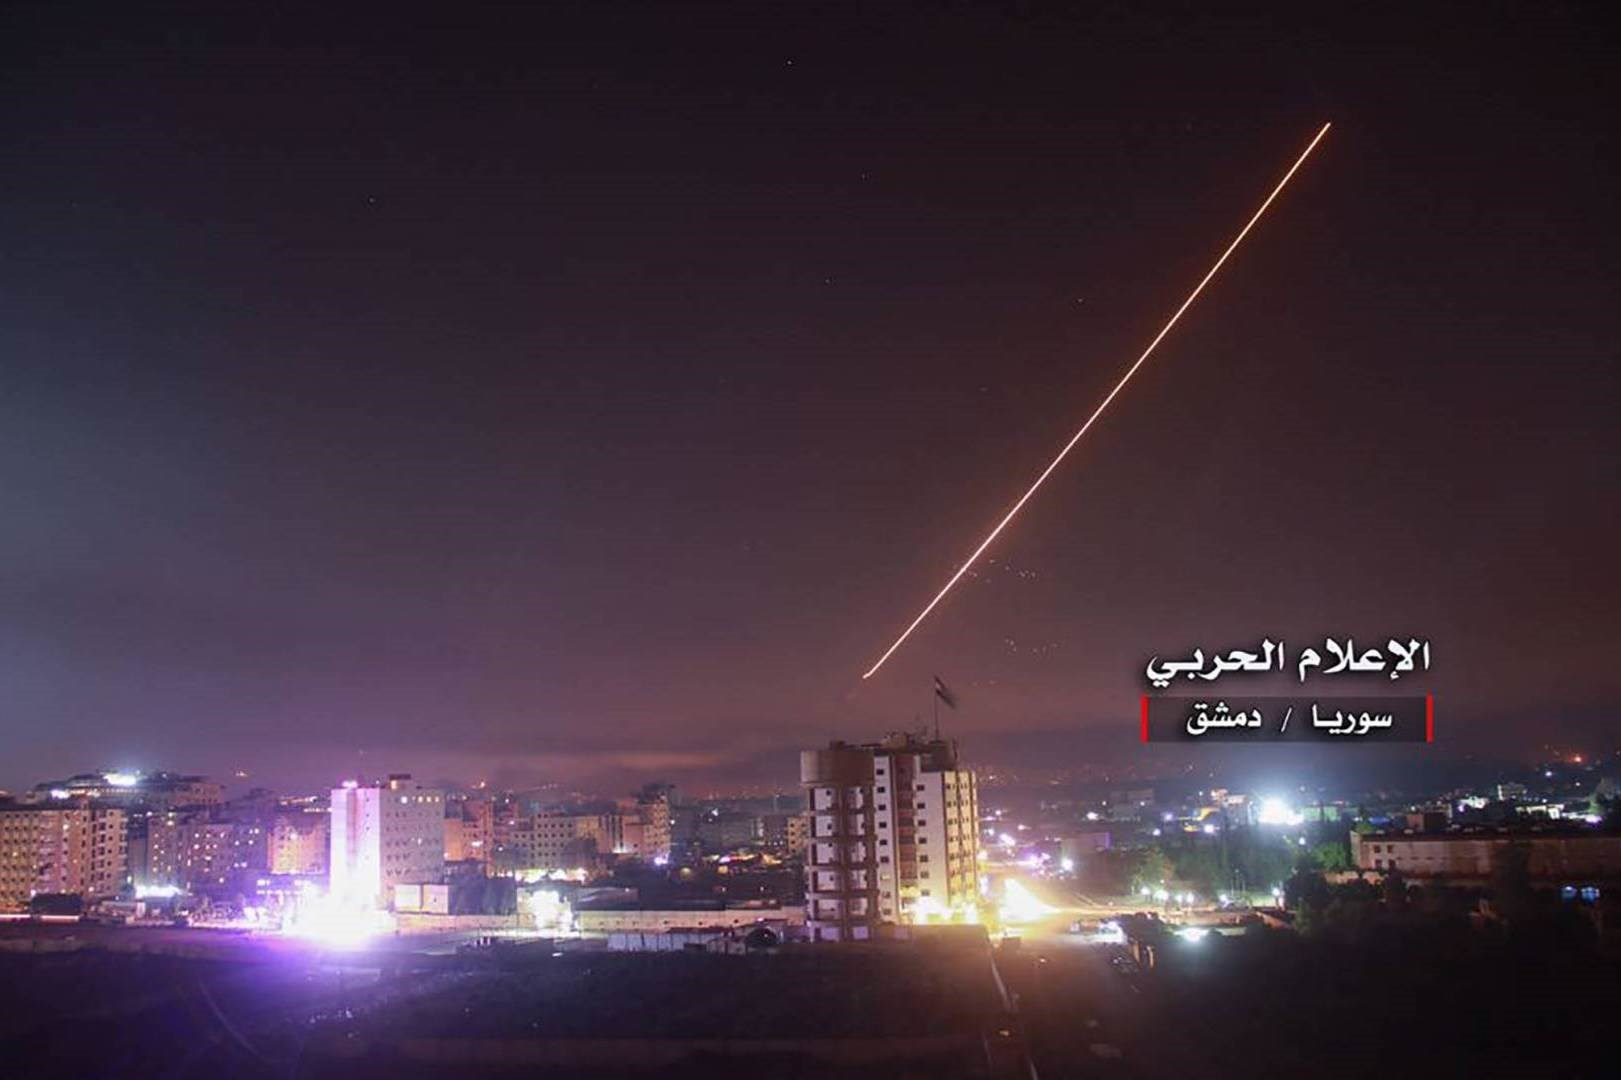 متى سيكون الردّ المناسب على الاعتداءات الإسرائيلية المتكررة في سوريا؟